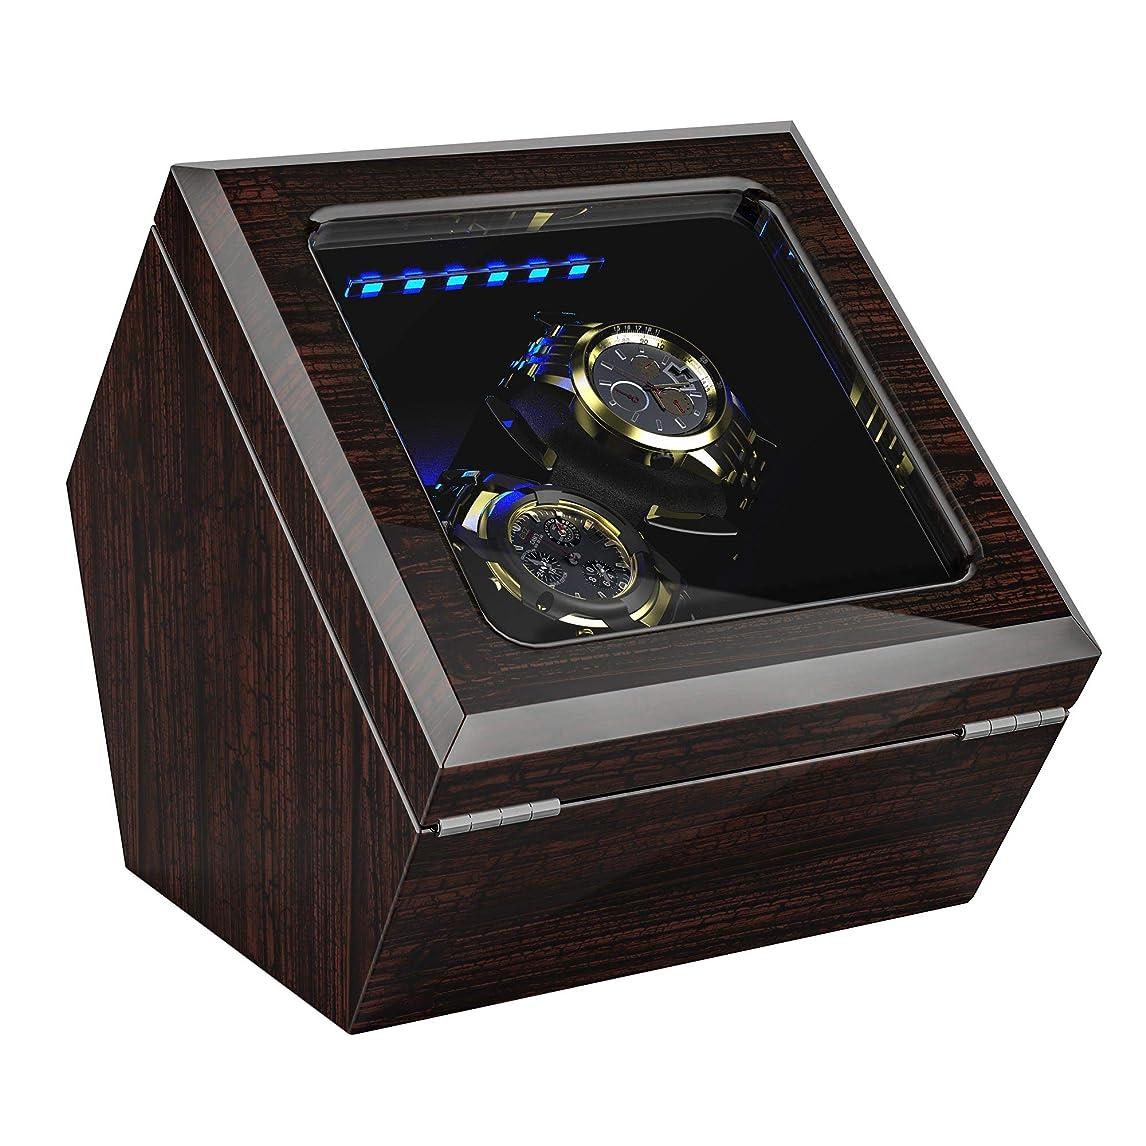 若い待って排泄物時計バンド 交換ベルト 腕時計ベルト 16mm 防水 コンパチブル CASIO G-shock GW-M5610 DW-5600/5700/6900/W96/W-96H/W96H/577EA1/GW940交換用 バンド